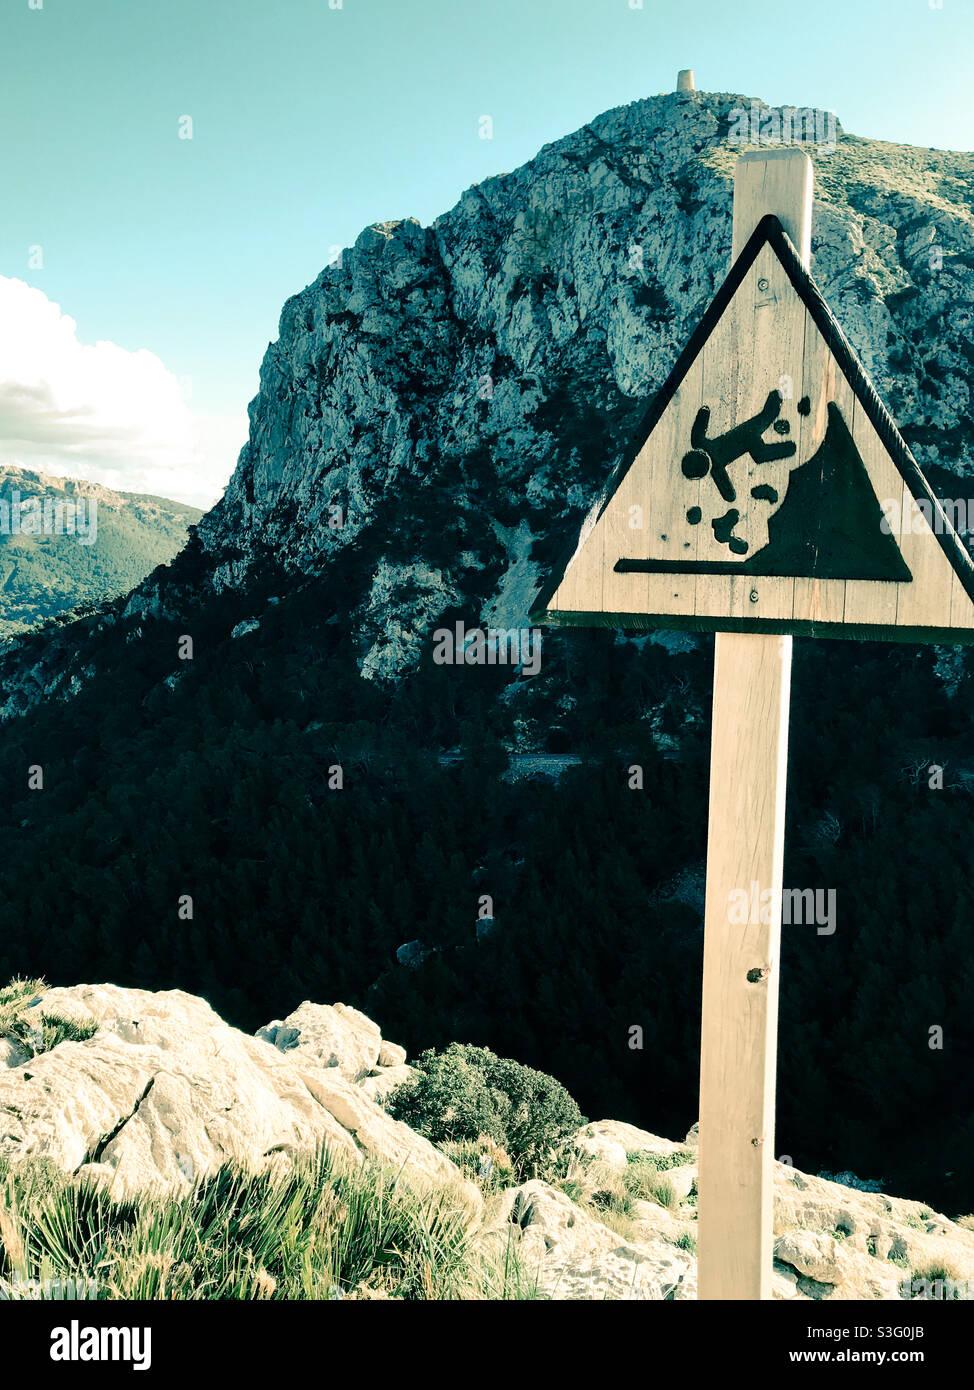 Peligro de caída desde el borde del acantilado Foto de stock